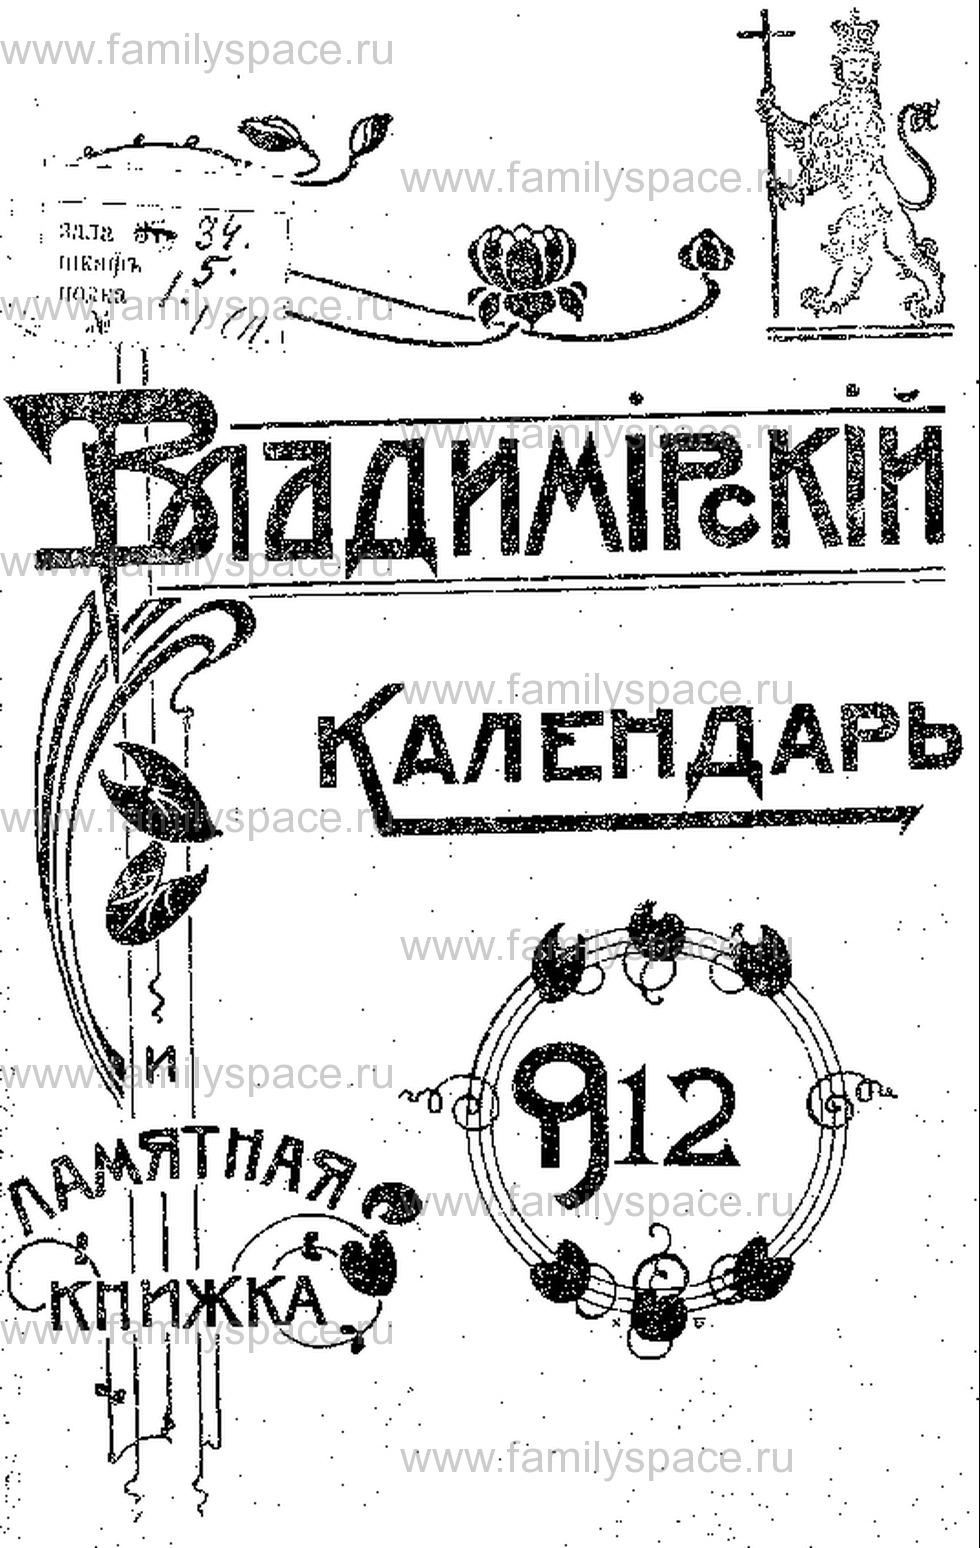 Поиск по фамилии - Владимирский календарь и памятная книжка на 1912 г, страница 1